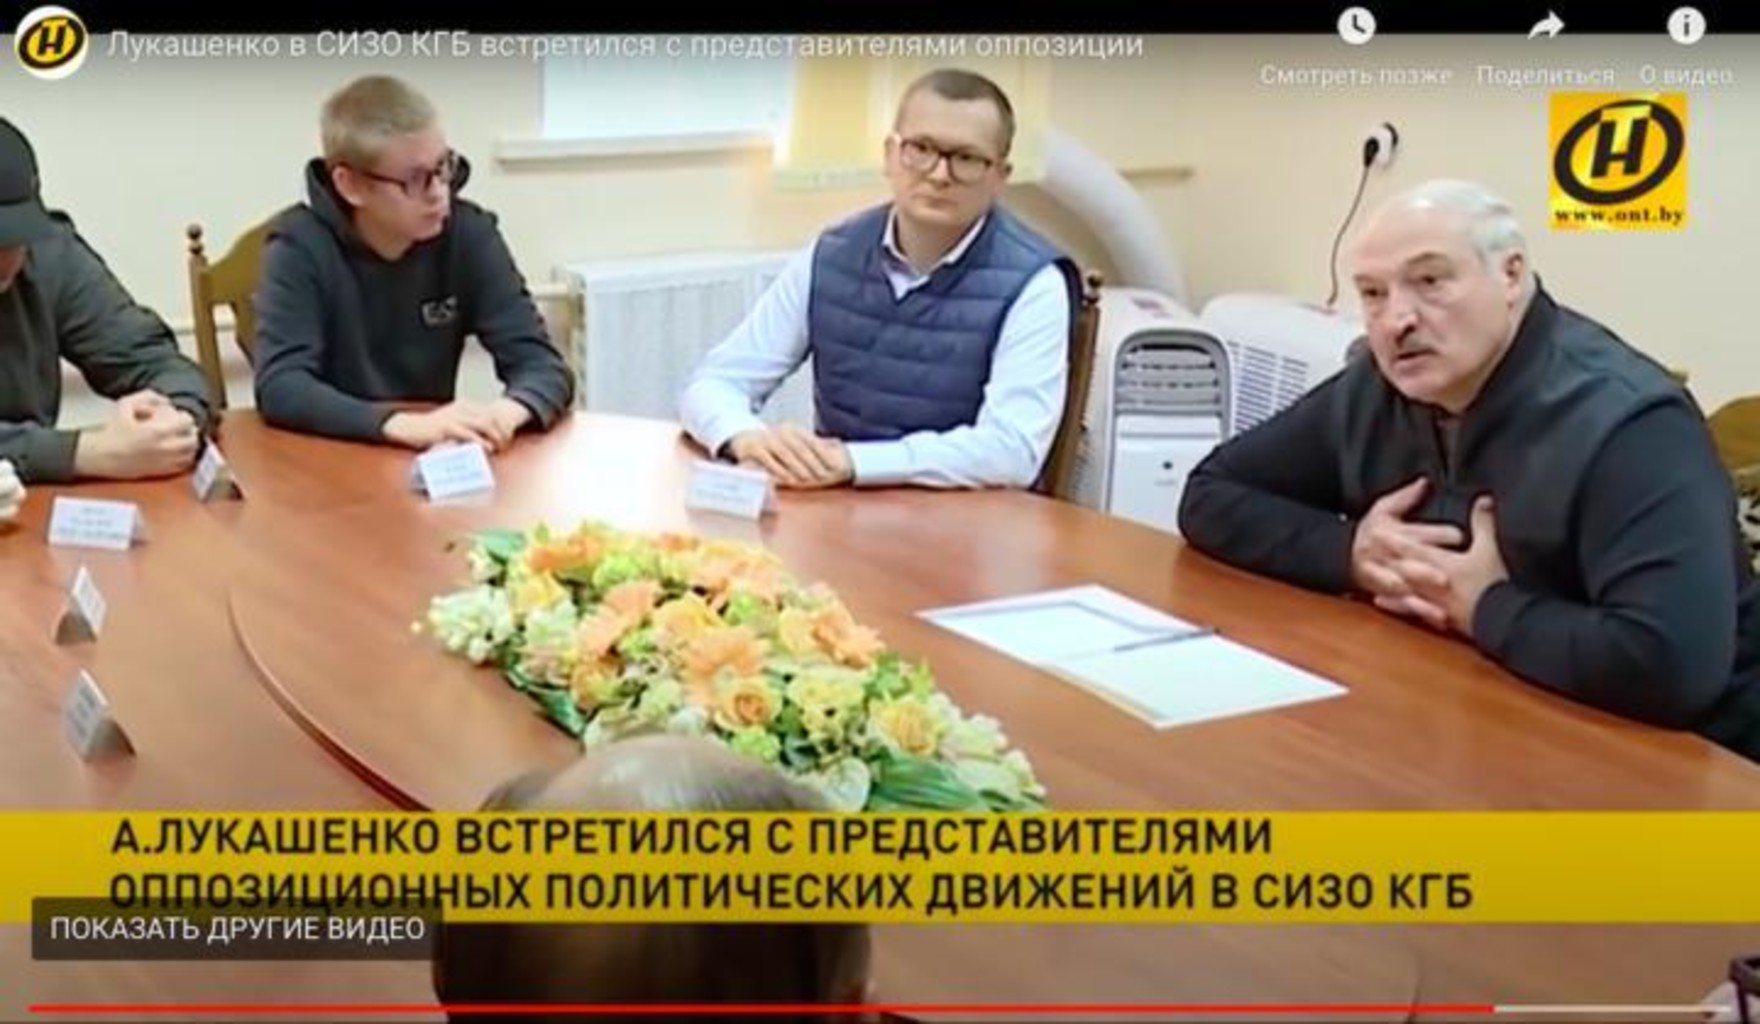 Sergey tikh 10 okt